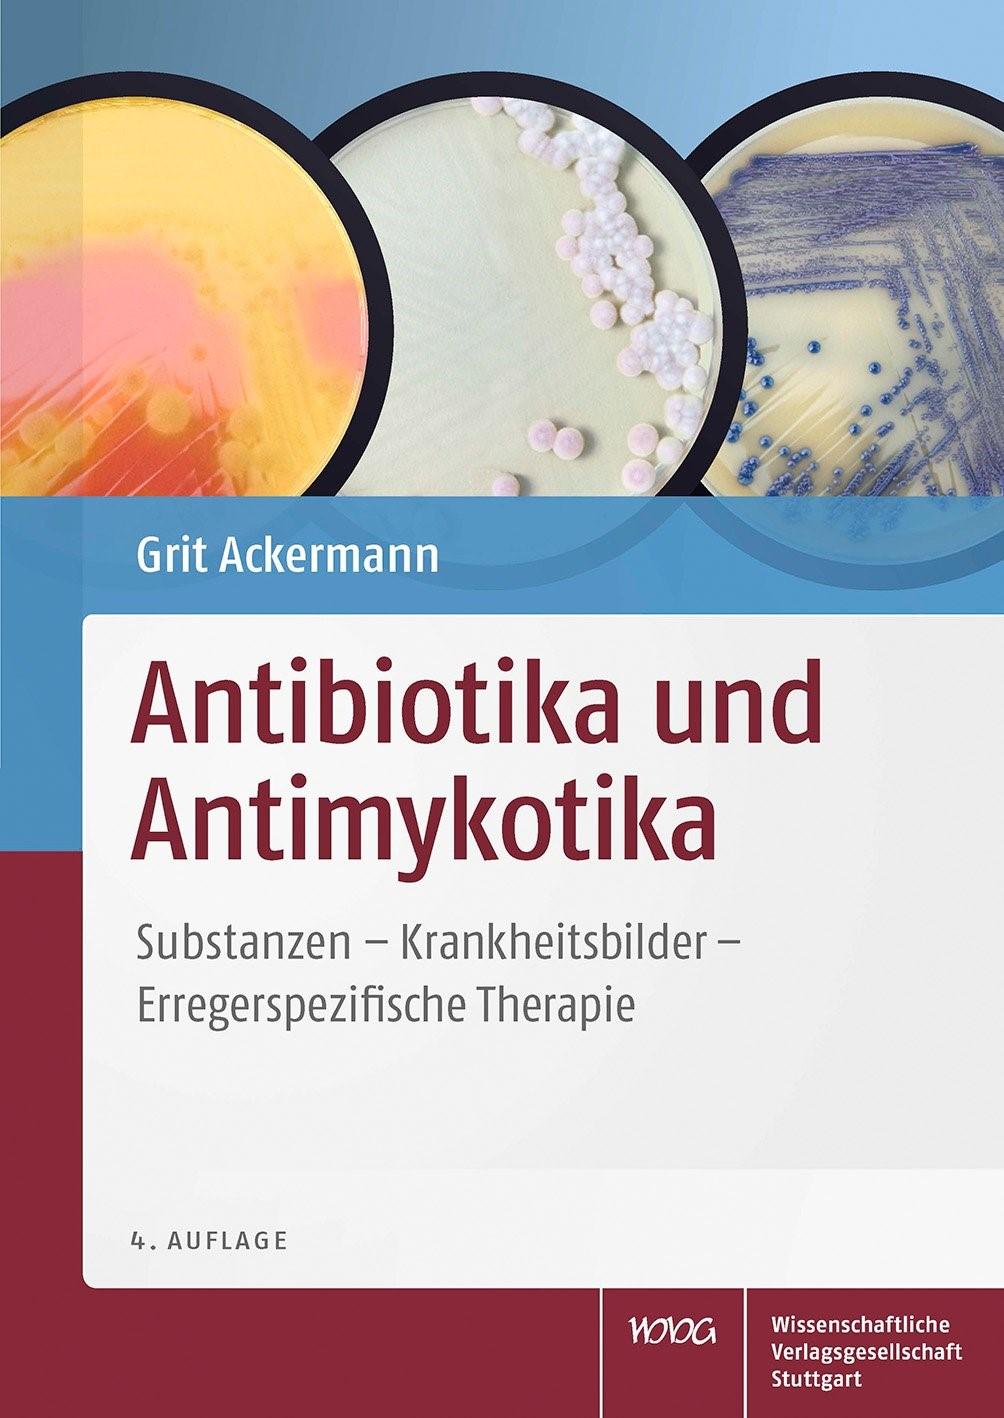 Antibiotika und Antimykotika   Ackermann   überarbeitete und erweiterte Auflage, 2013   Buch (Cover)